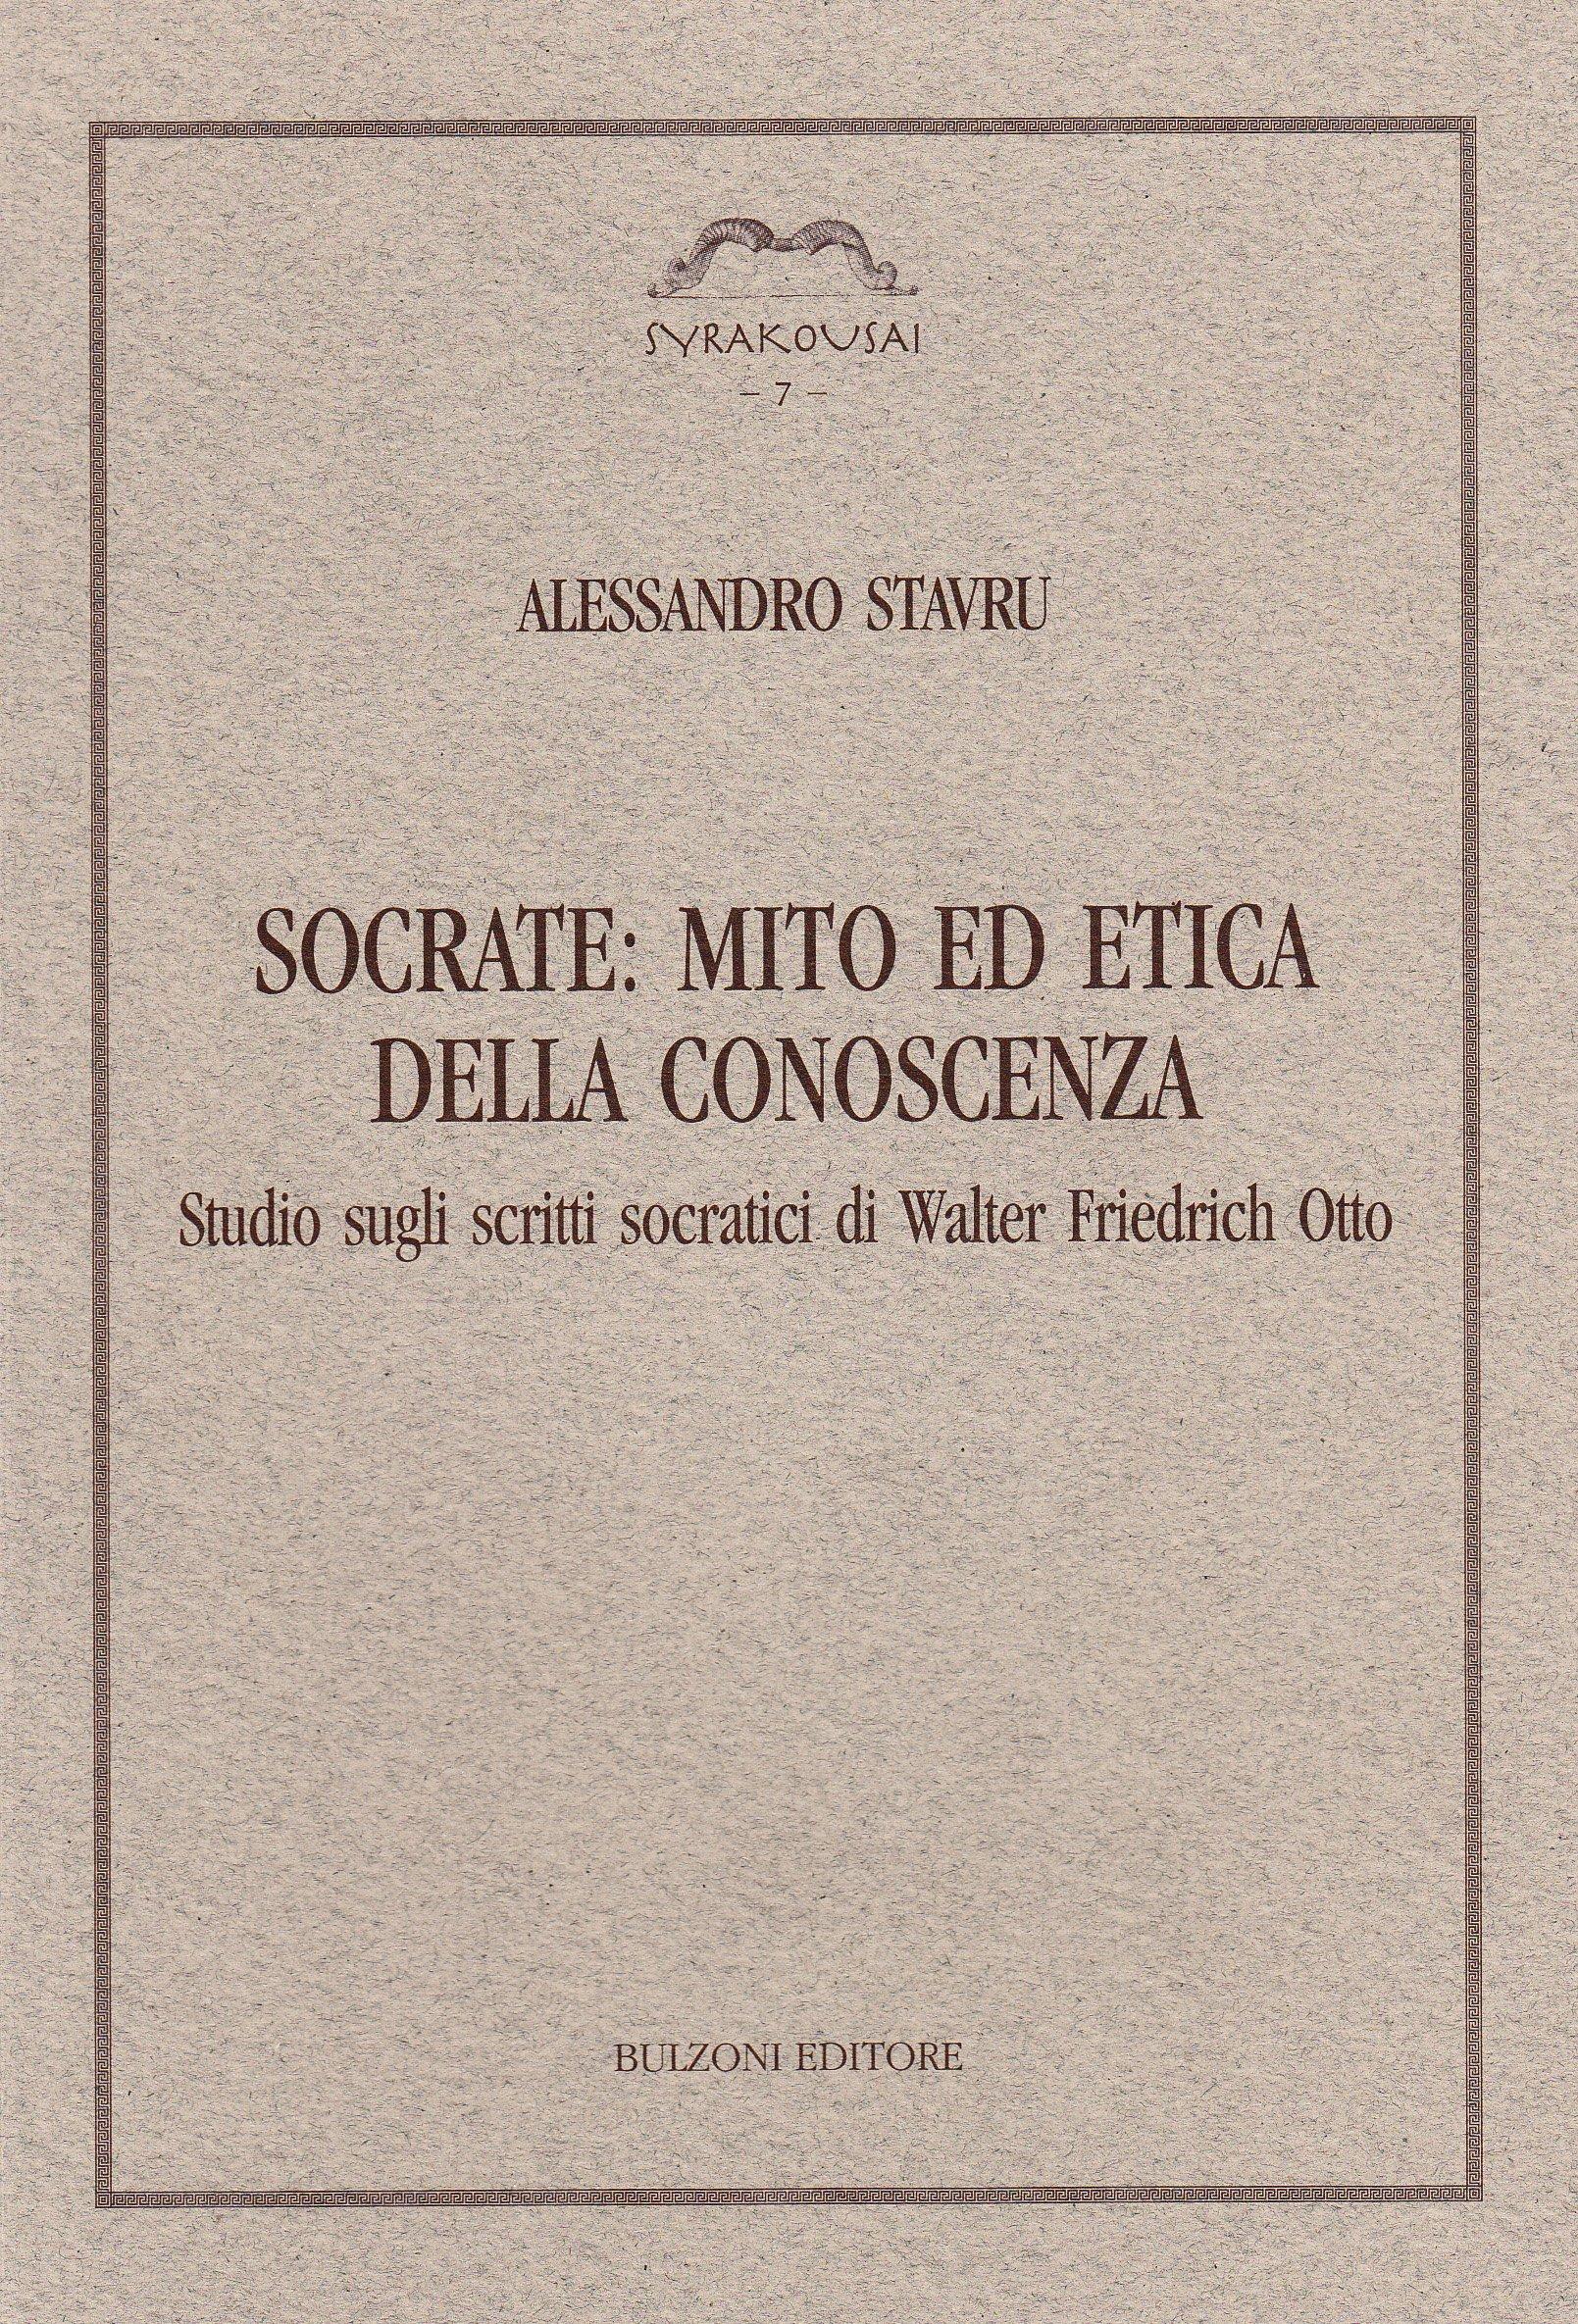 Socrate: mito ed etica della conoscenza. Studio sugli scritti socraitici di Walter Friedrich Otto